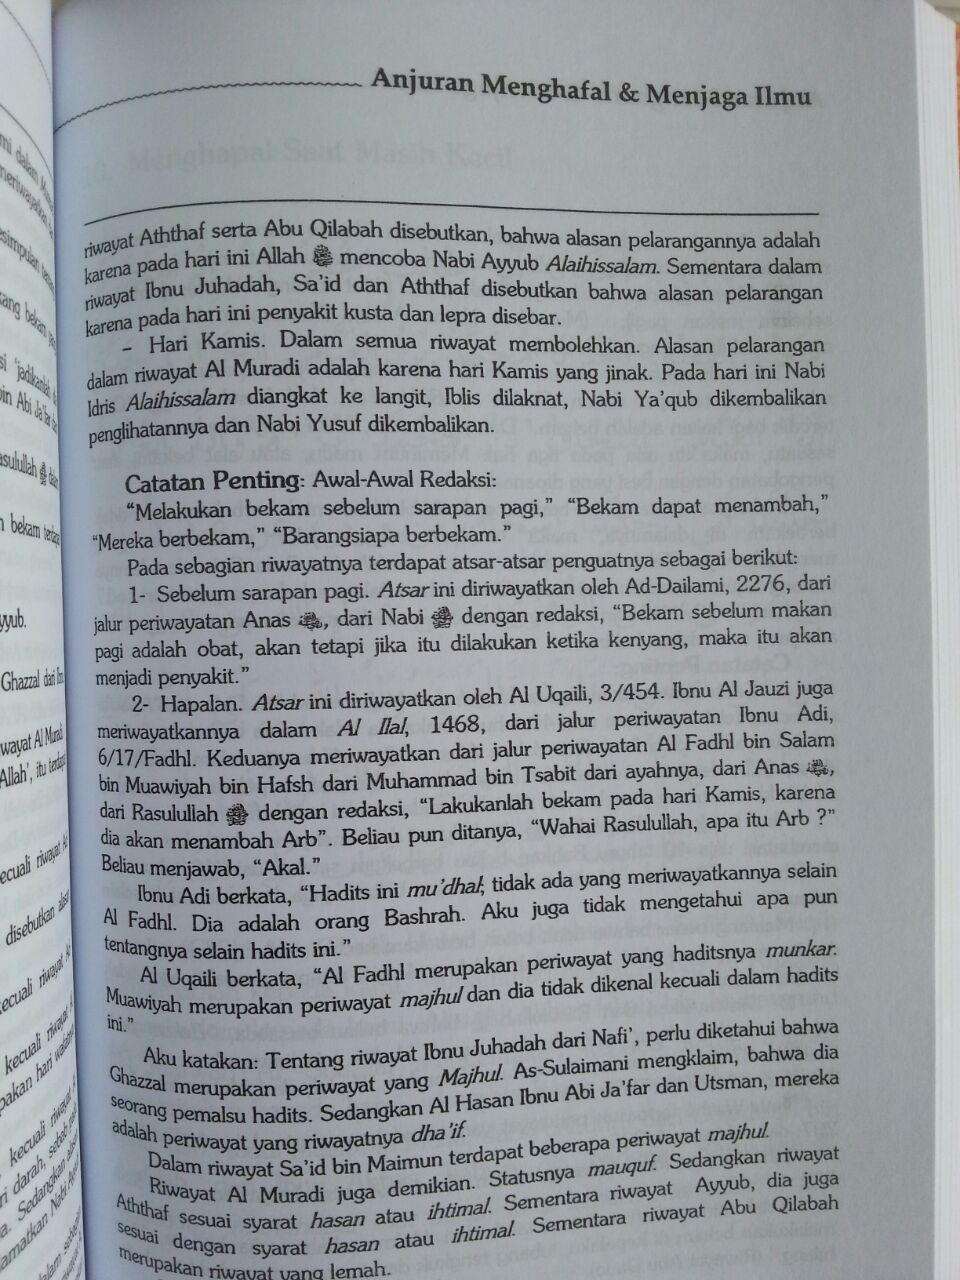 Buku Anjuran Menghafal Dan Menjaga Ilmu isi 3